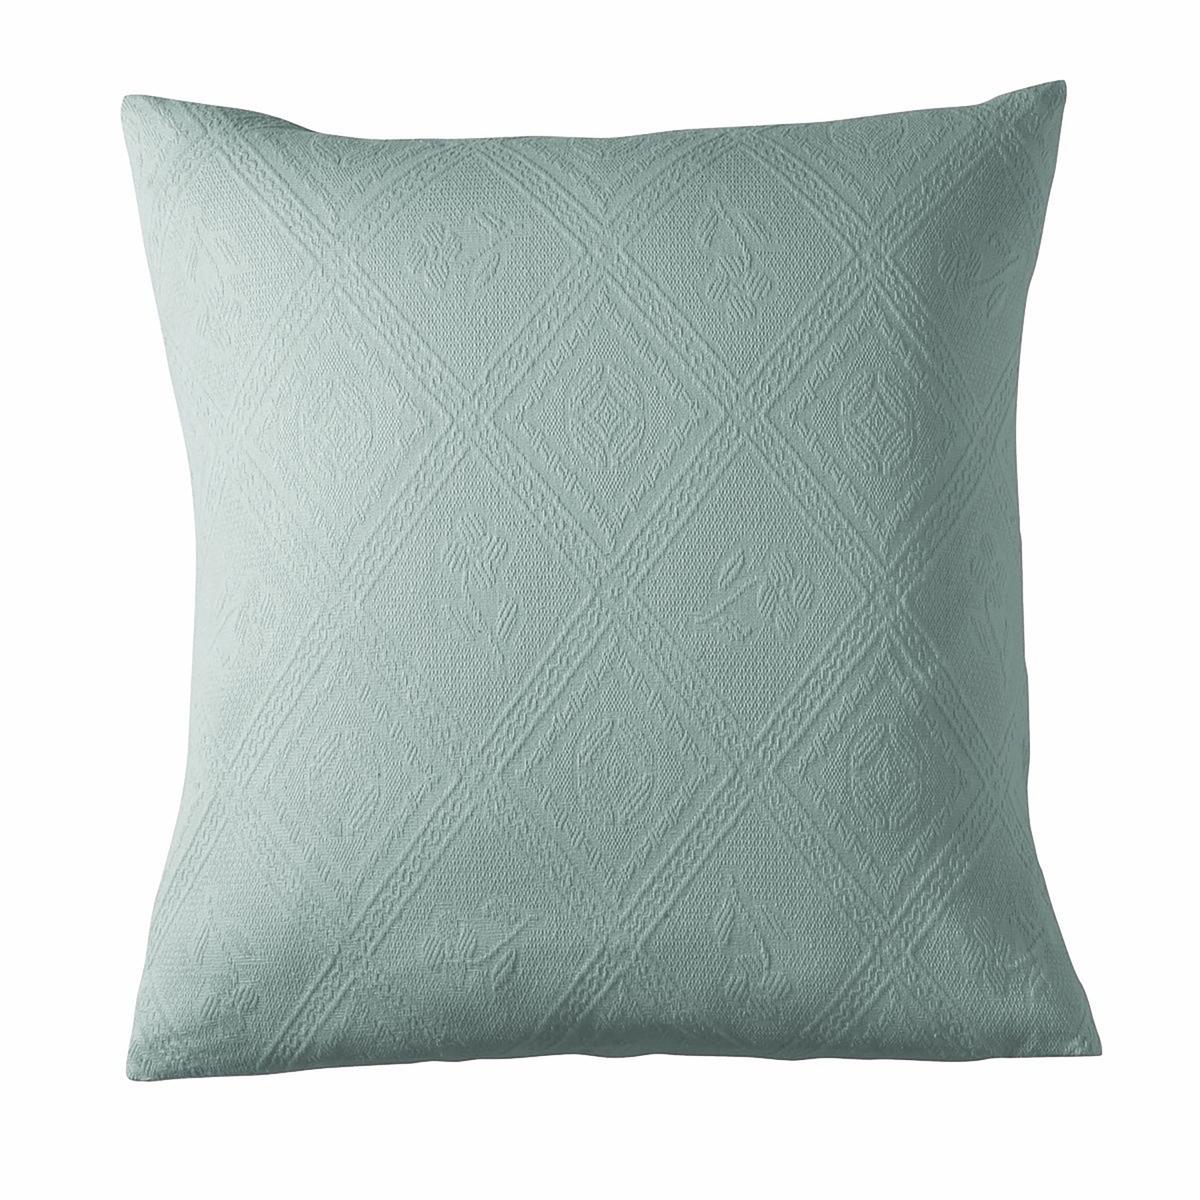 Чехол на подушку из жаккардовой ткани, INDOХарактеристики наволочки на подушку-валик или наволочки :- Форма с запахом.- Машинная стирка при 40 °С.<br><br>Цвет: антрацит,бежевый,бледный сине-зеленый,гранатовый,облачно-серый,Синий, индийский